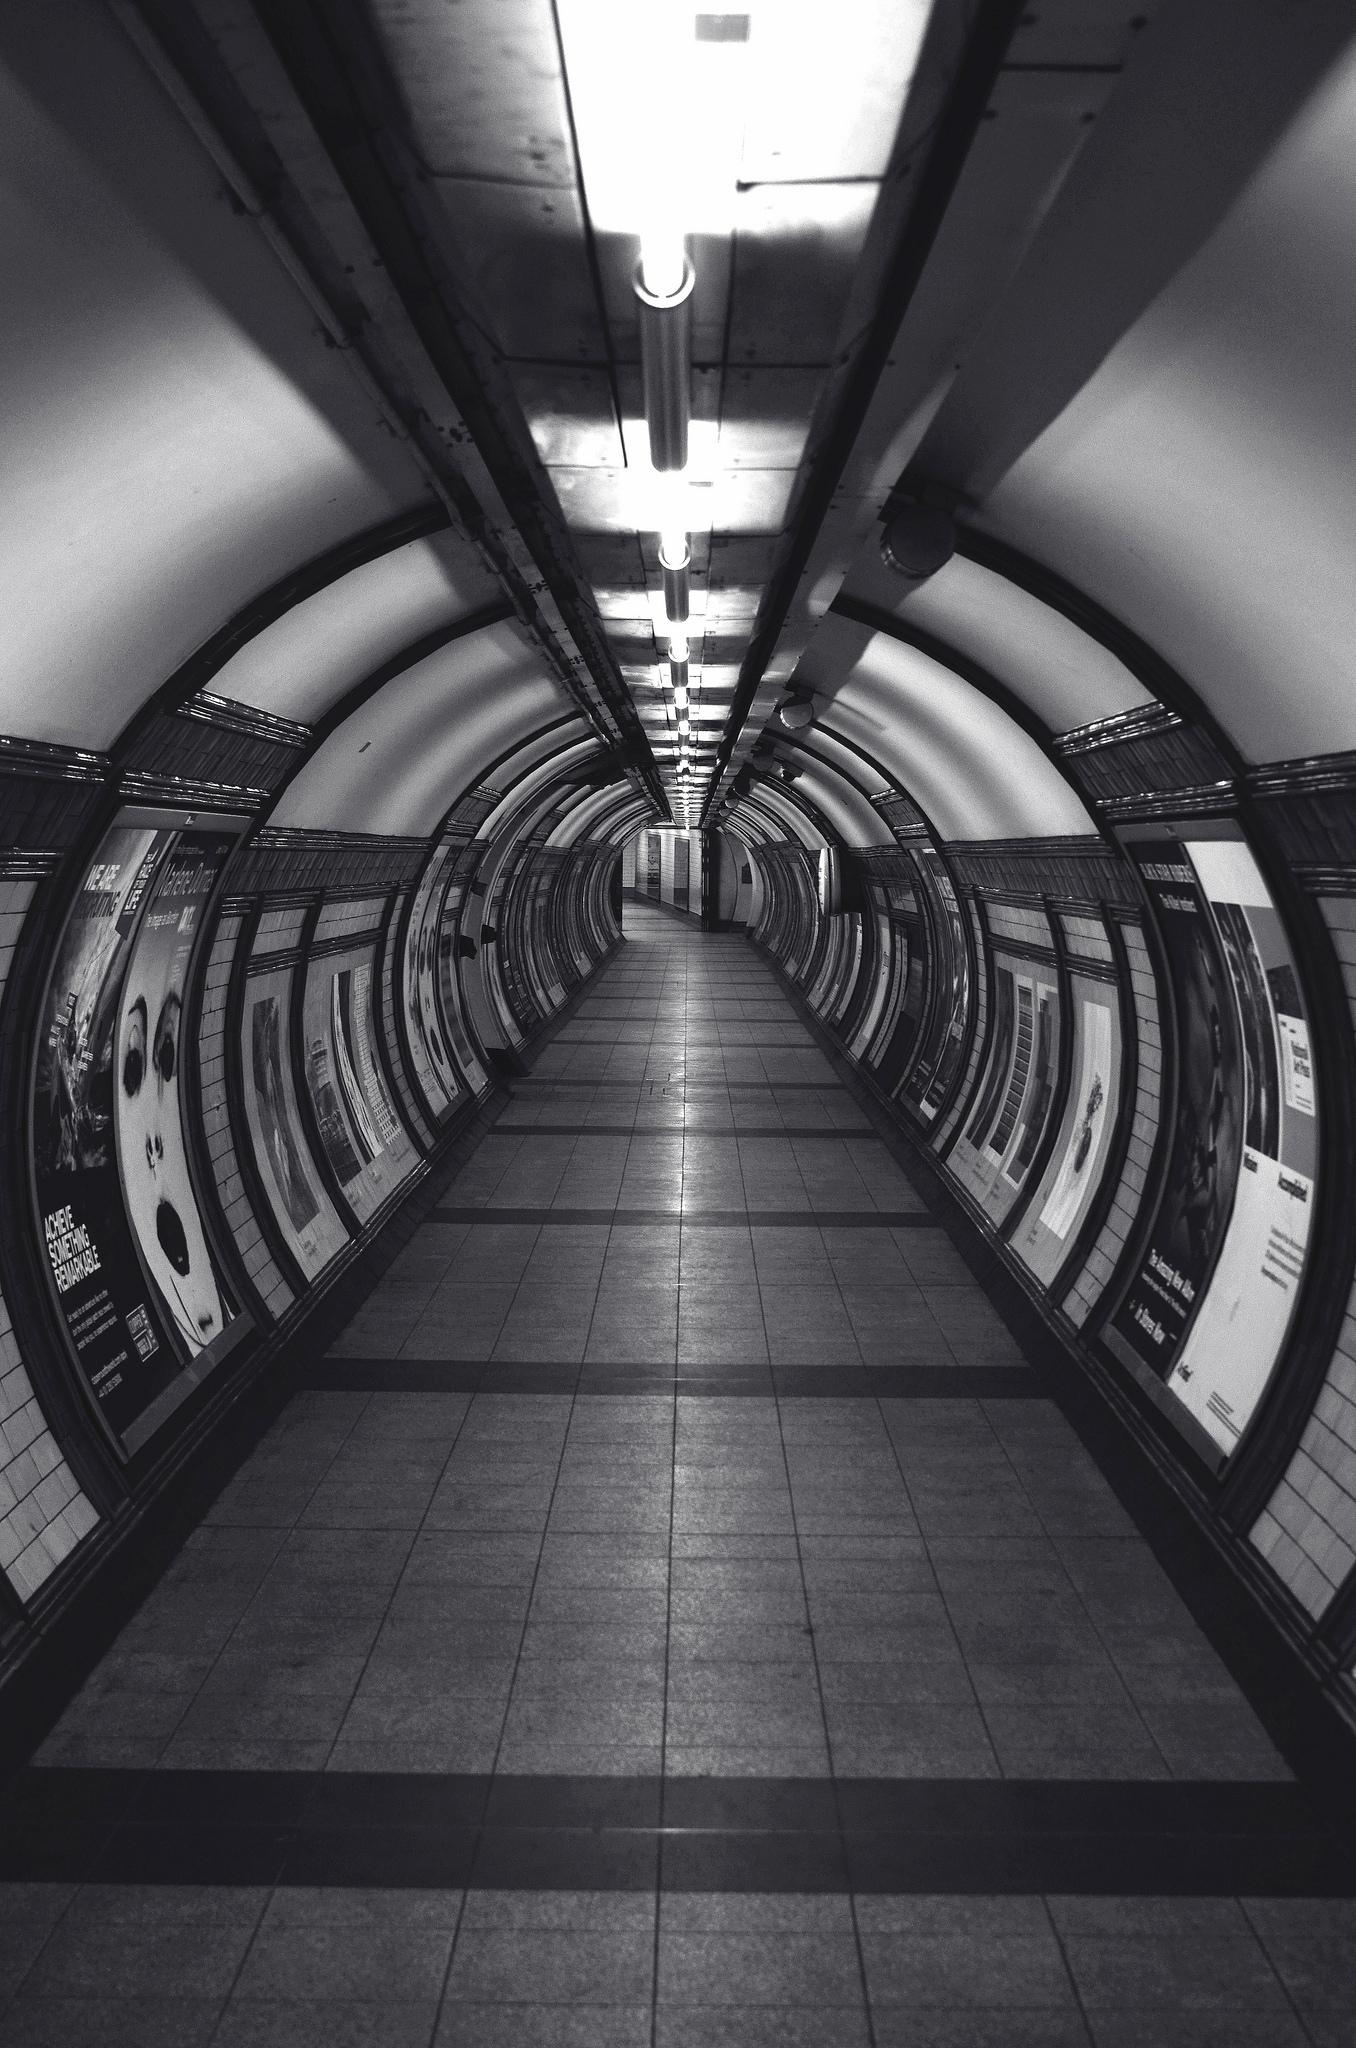 Embankment Underground Train St - eye-dj | ello